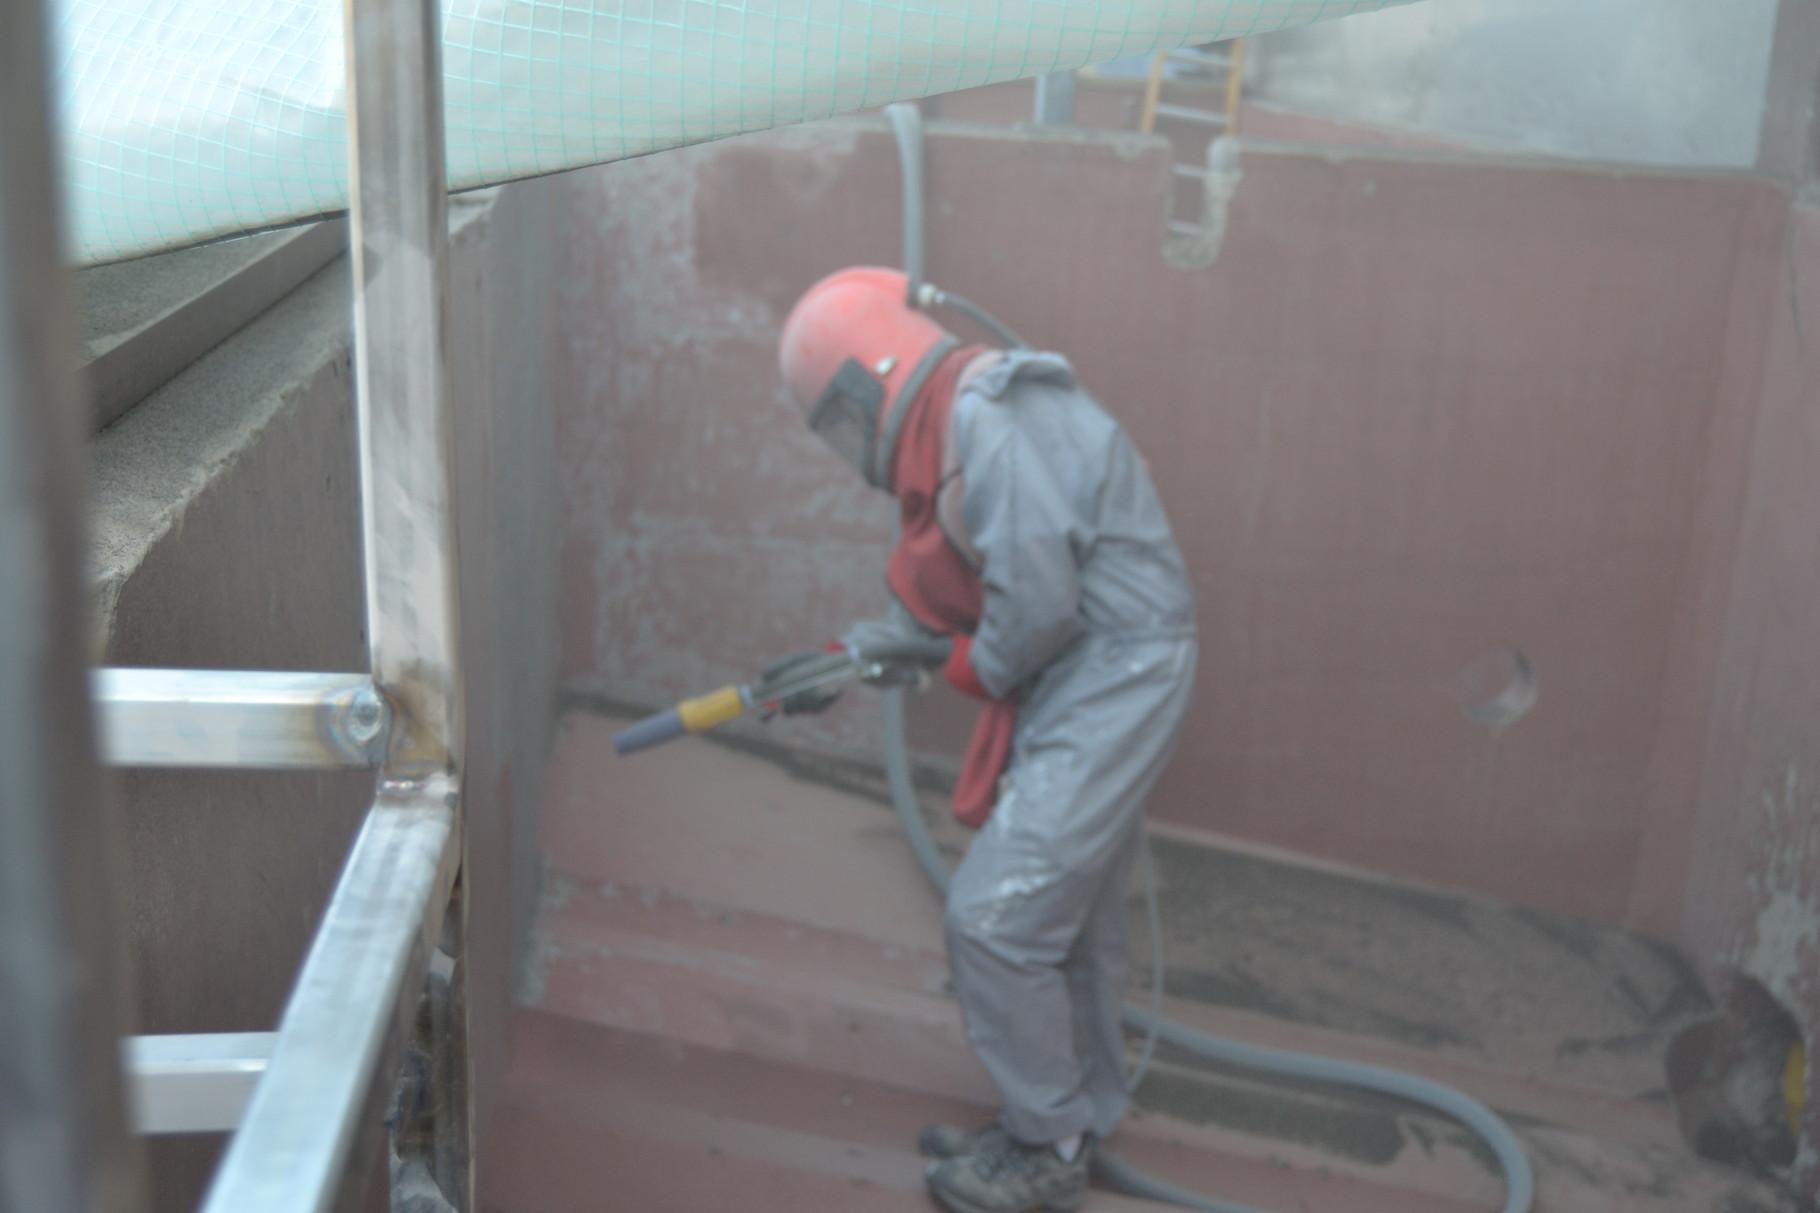 Sandstrahlarbeiten von Betonsilos in der Lebensmittelindustrie mit anschliessender Beschichtung.